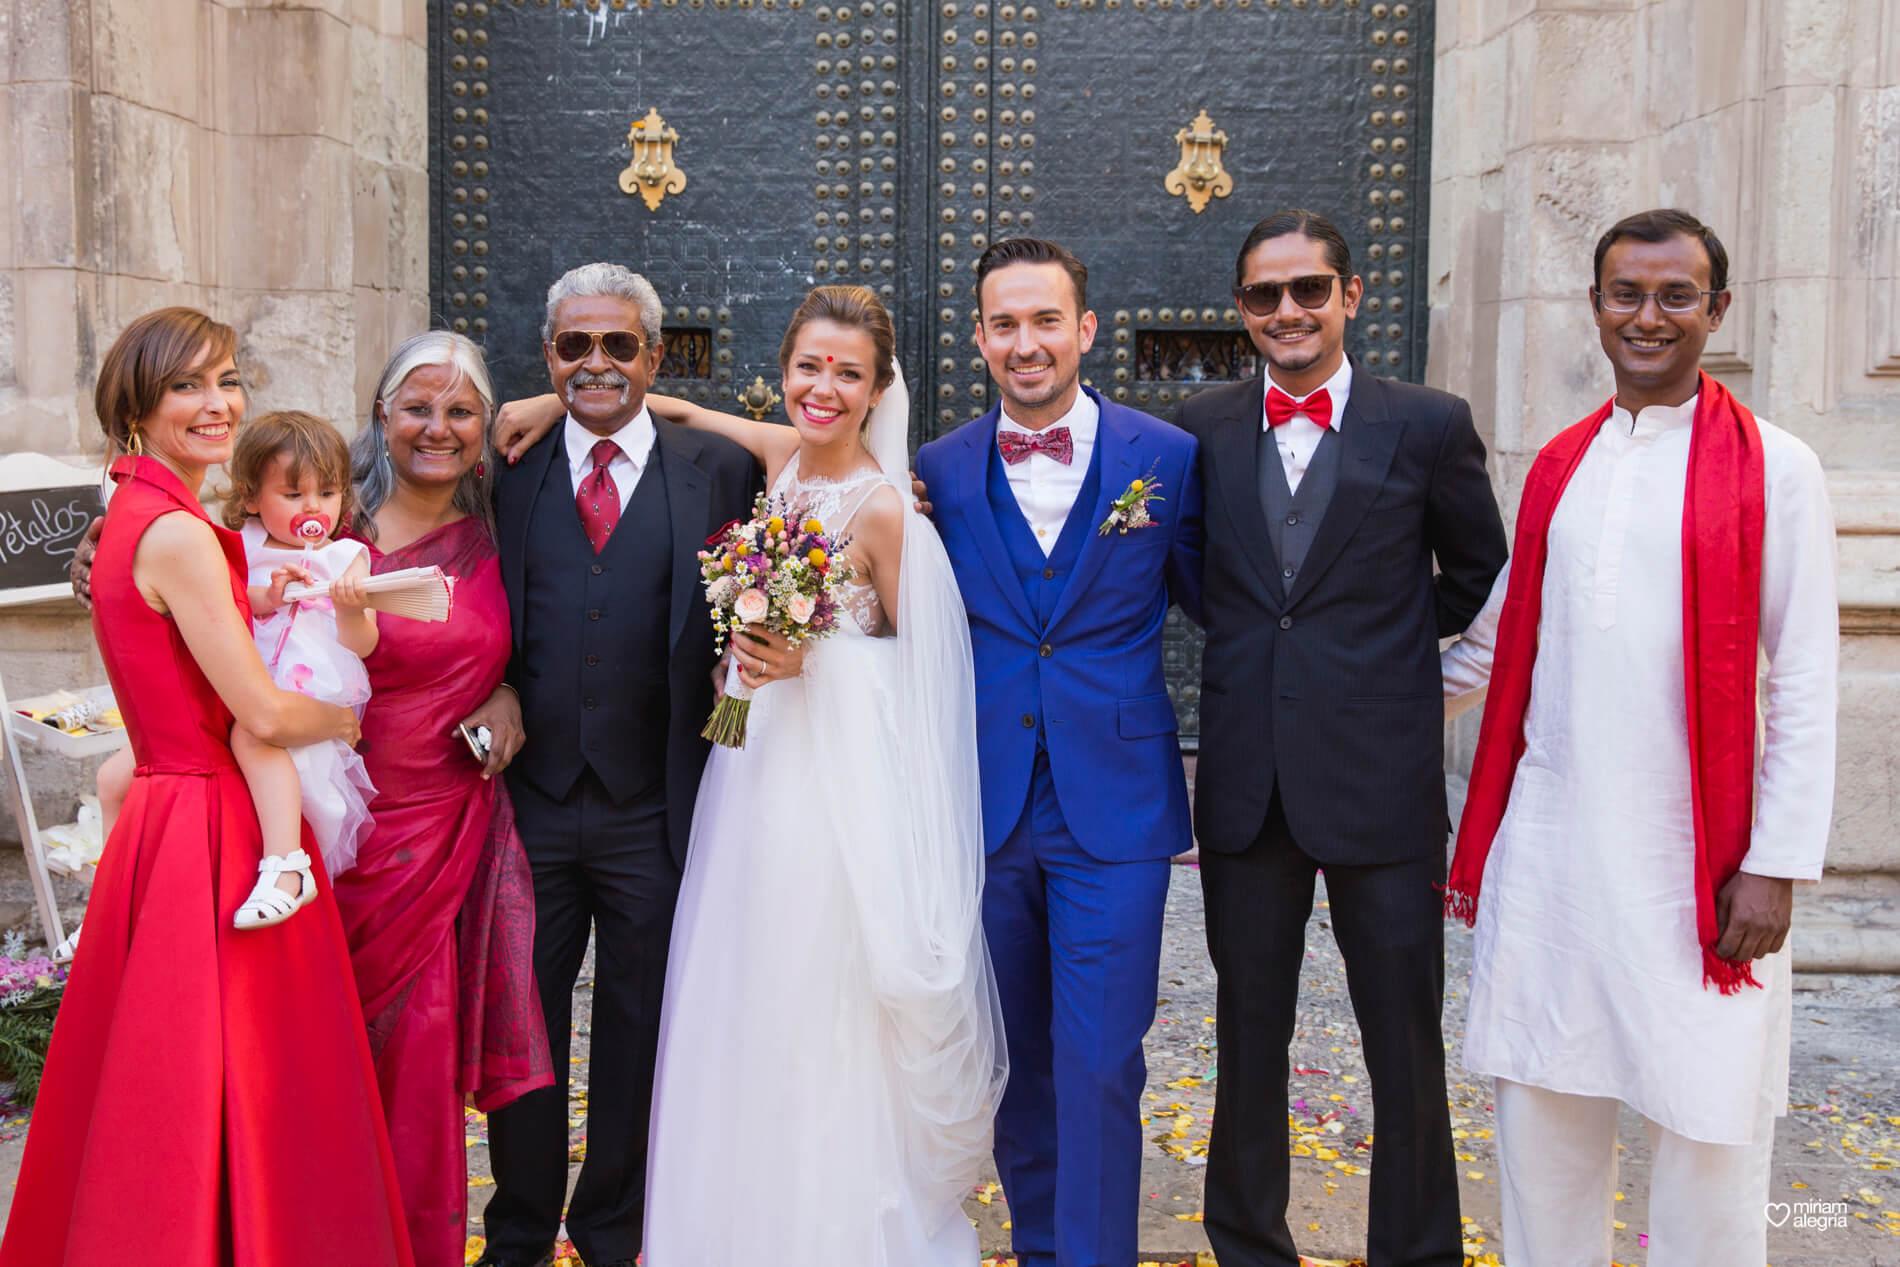 wedding-huerto-del-cura-elche-miriam-alegria-fotografos-boda-251